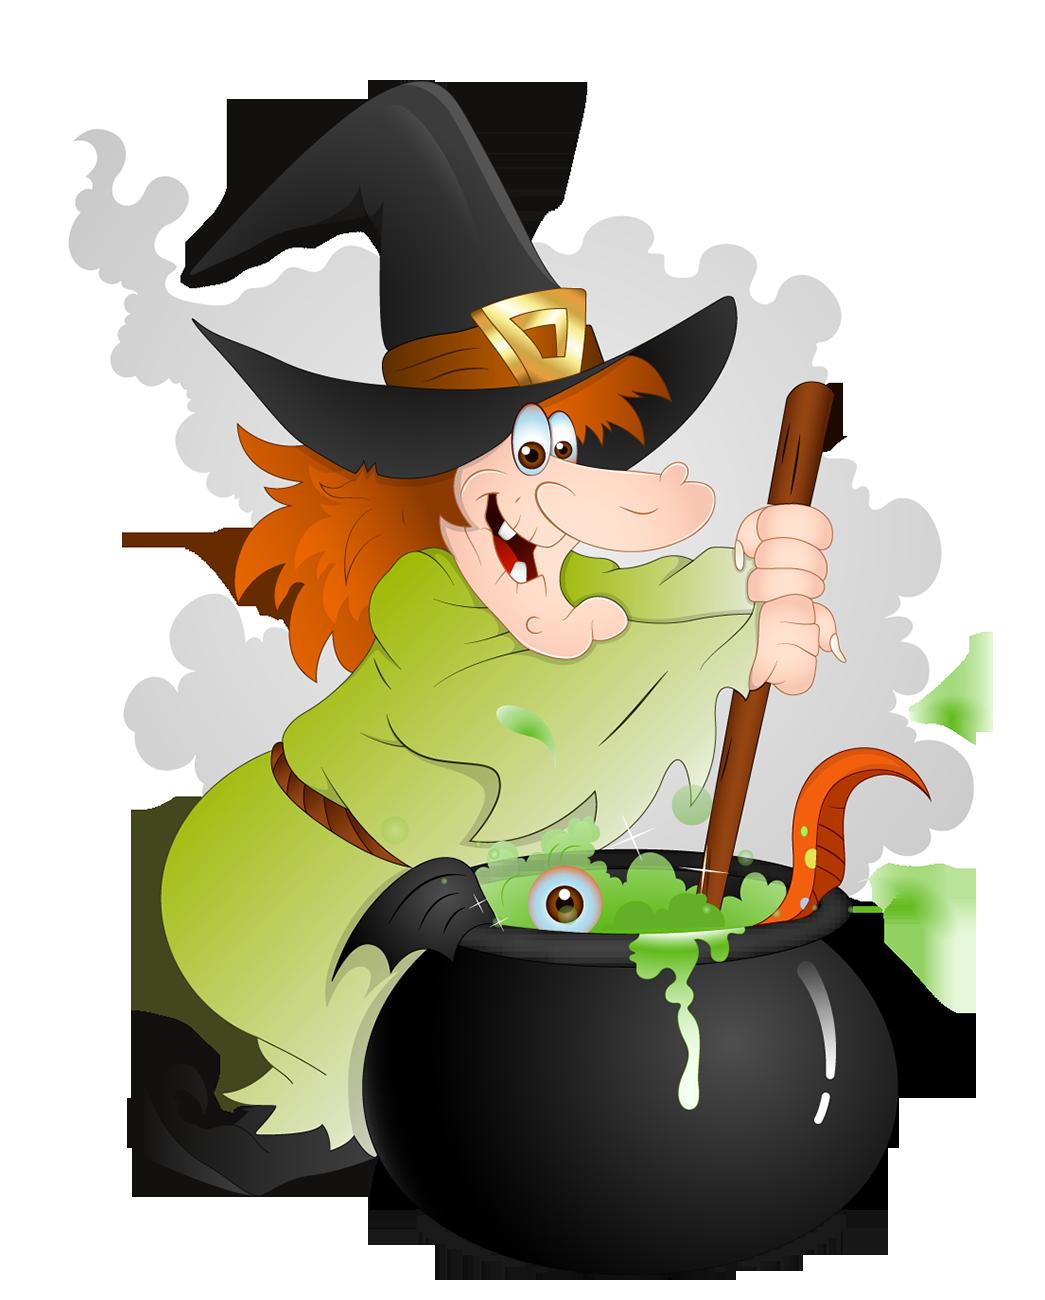 Halloween Witch Clipart Elognvrdnscom-Halloween witch clipart elognvrdnscom-8